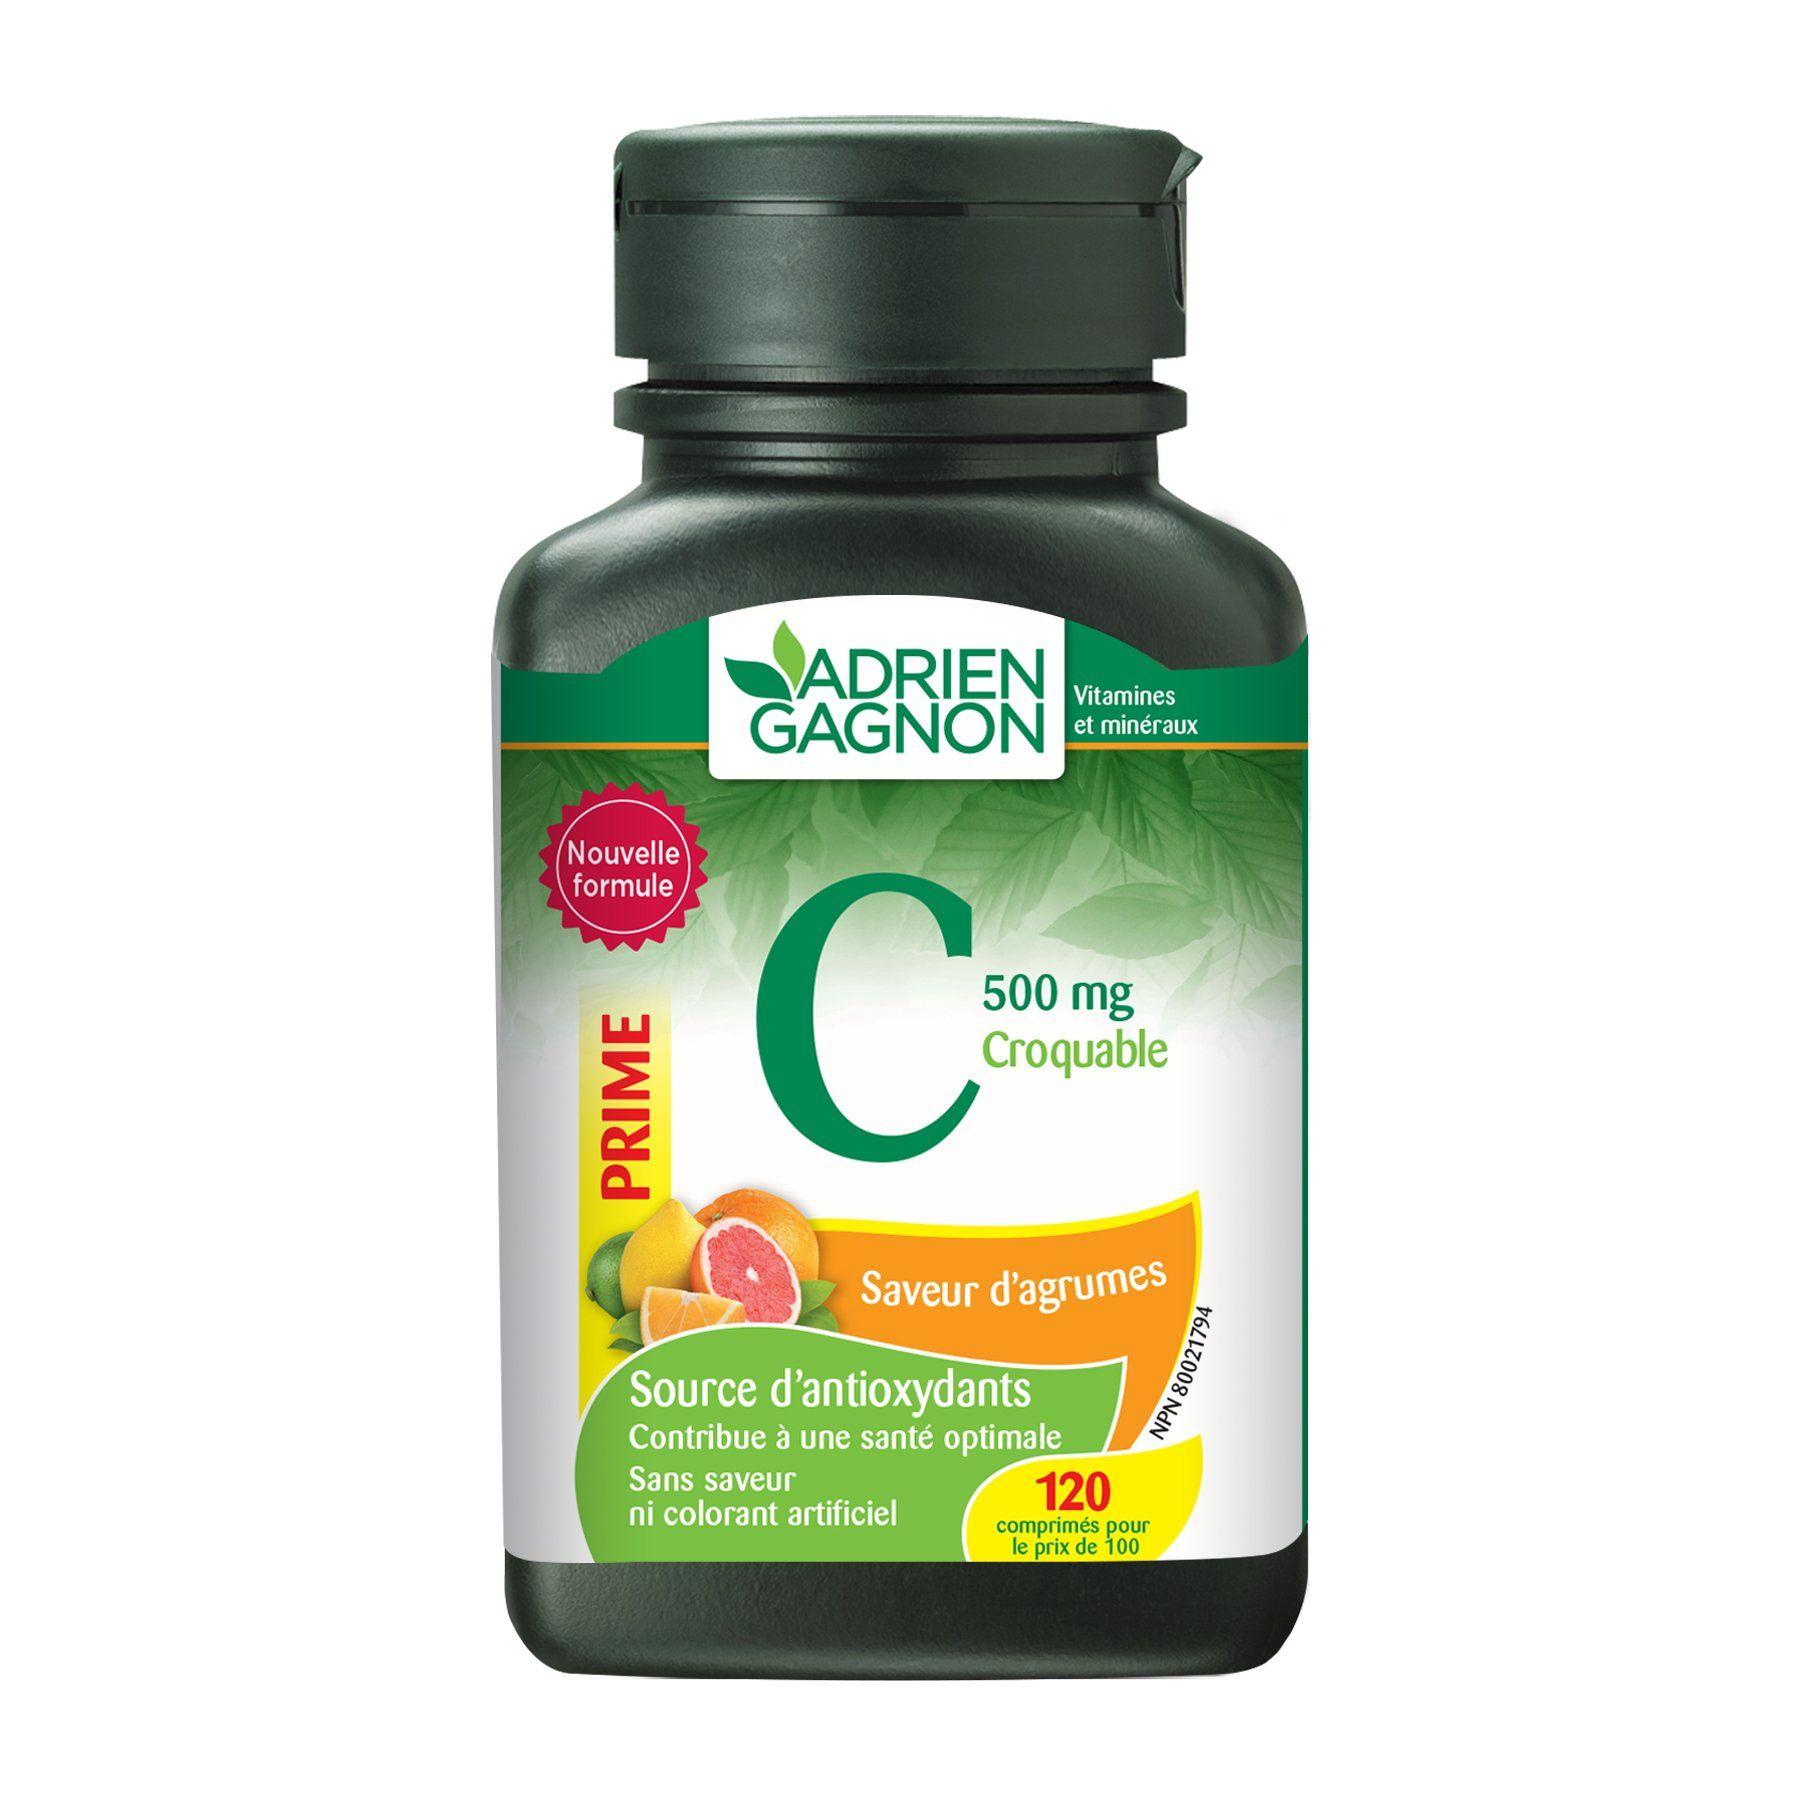 Adrien Gagnon Vitamin C 500 mg Natural NonGMO Immune